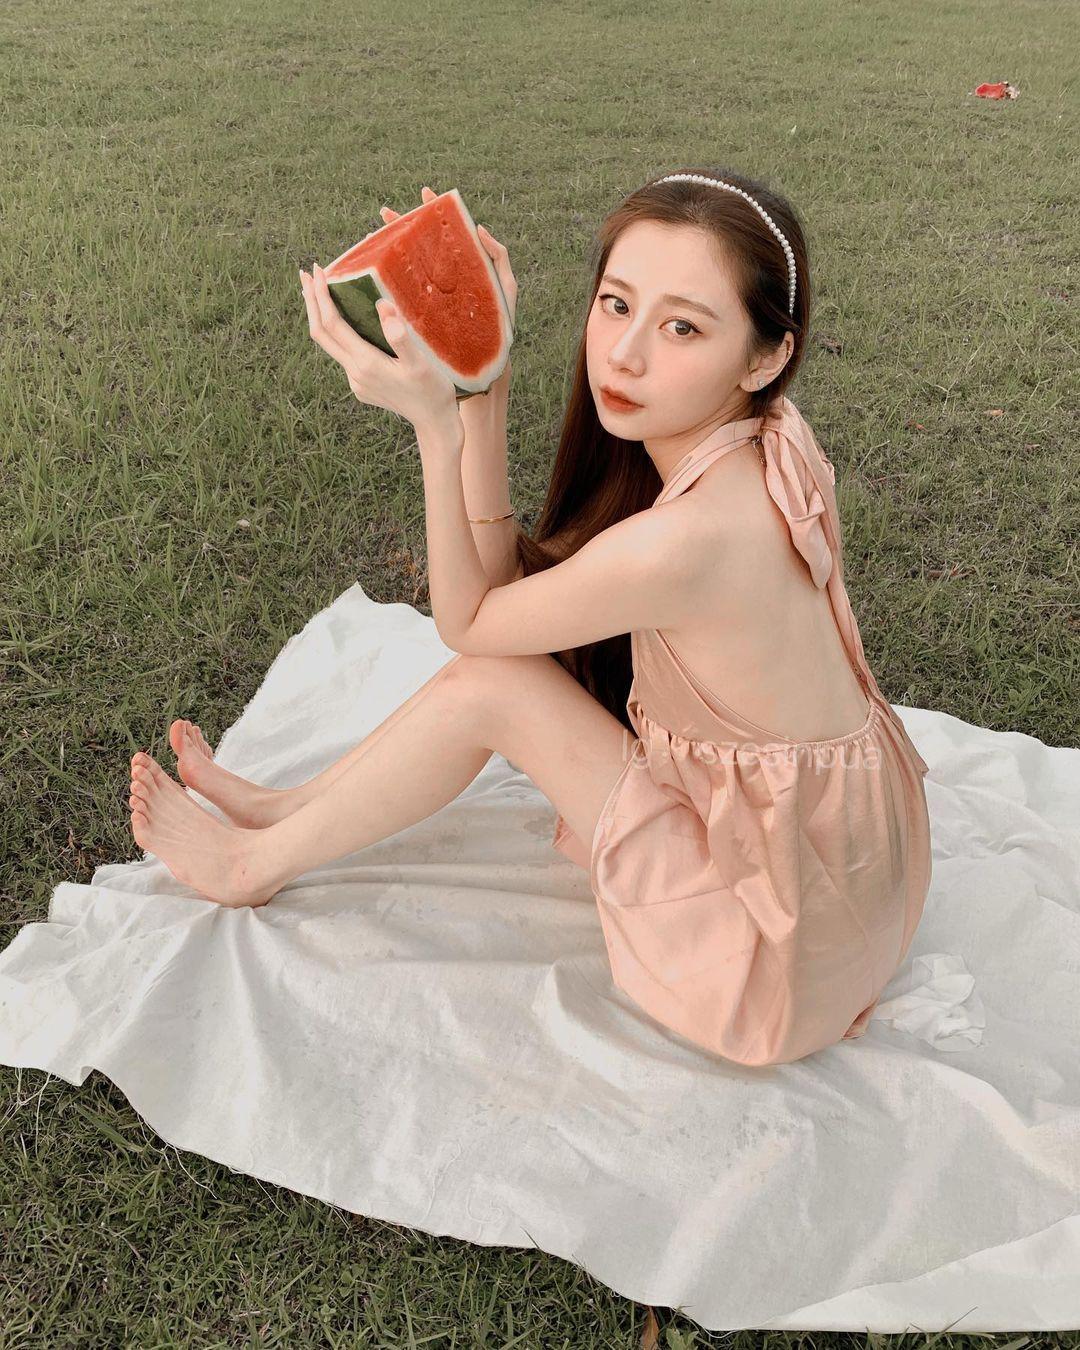 马来西亚的网红美女羽球系正妹思欣 超甜 网络美女 第7张